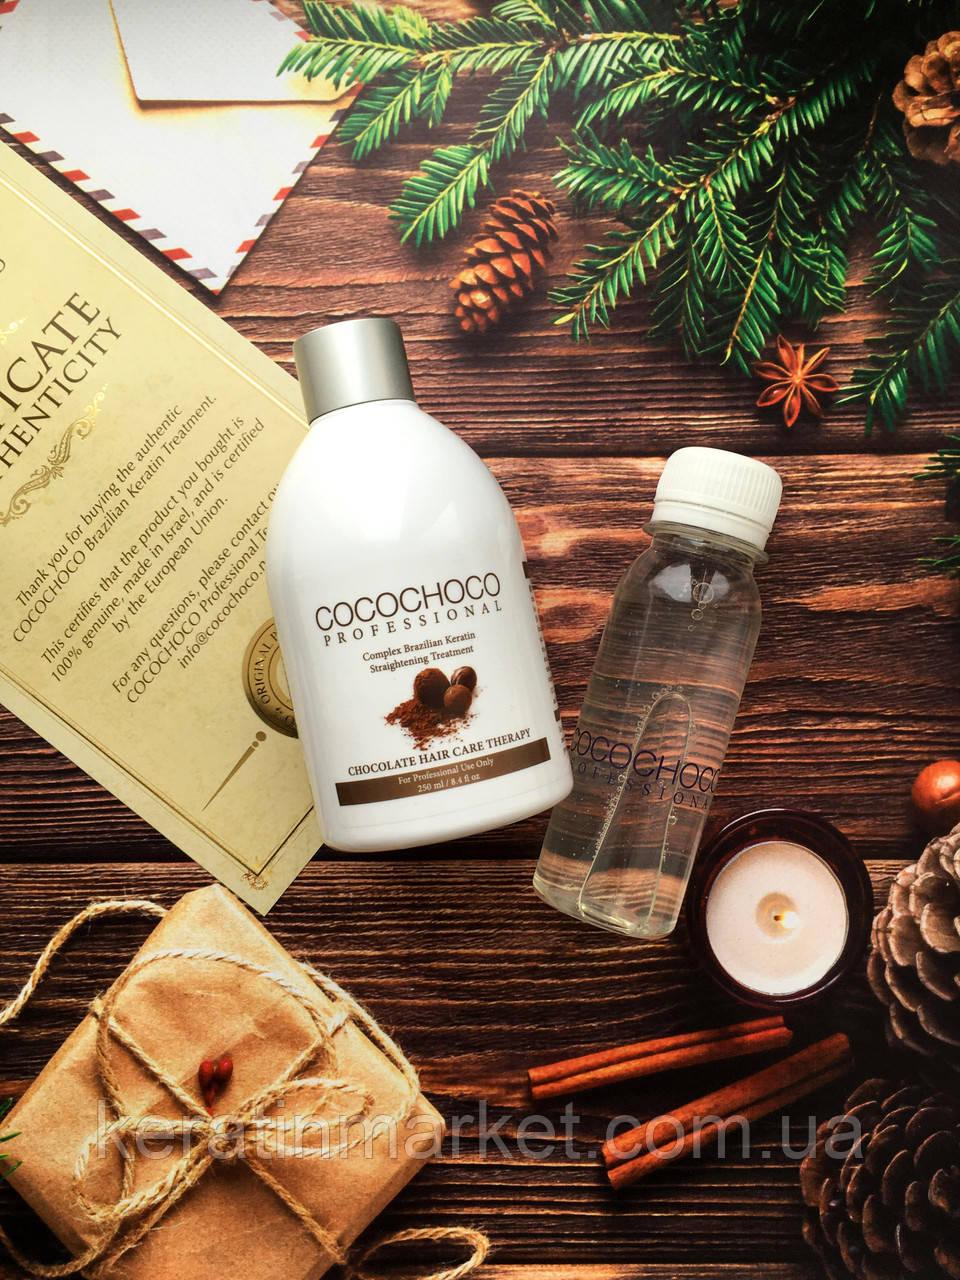 Cocochoco Original 250 мл + шампунь 100 мл